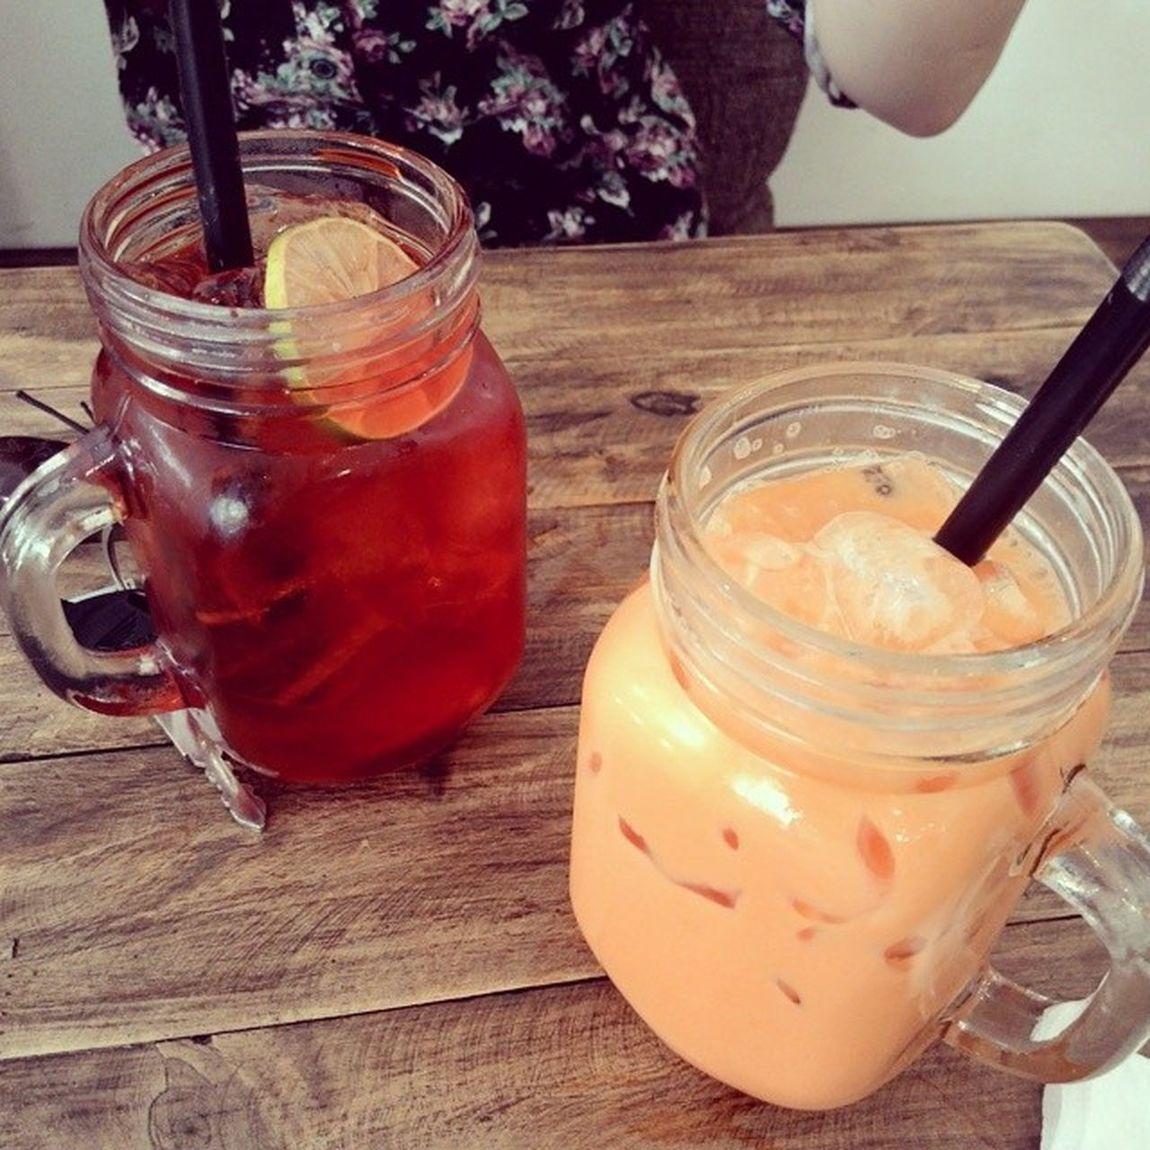 Lại là trà sữa Thái :))) Aroidessert Cafe Nguyễnthiệp Hotsummer